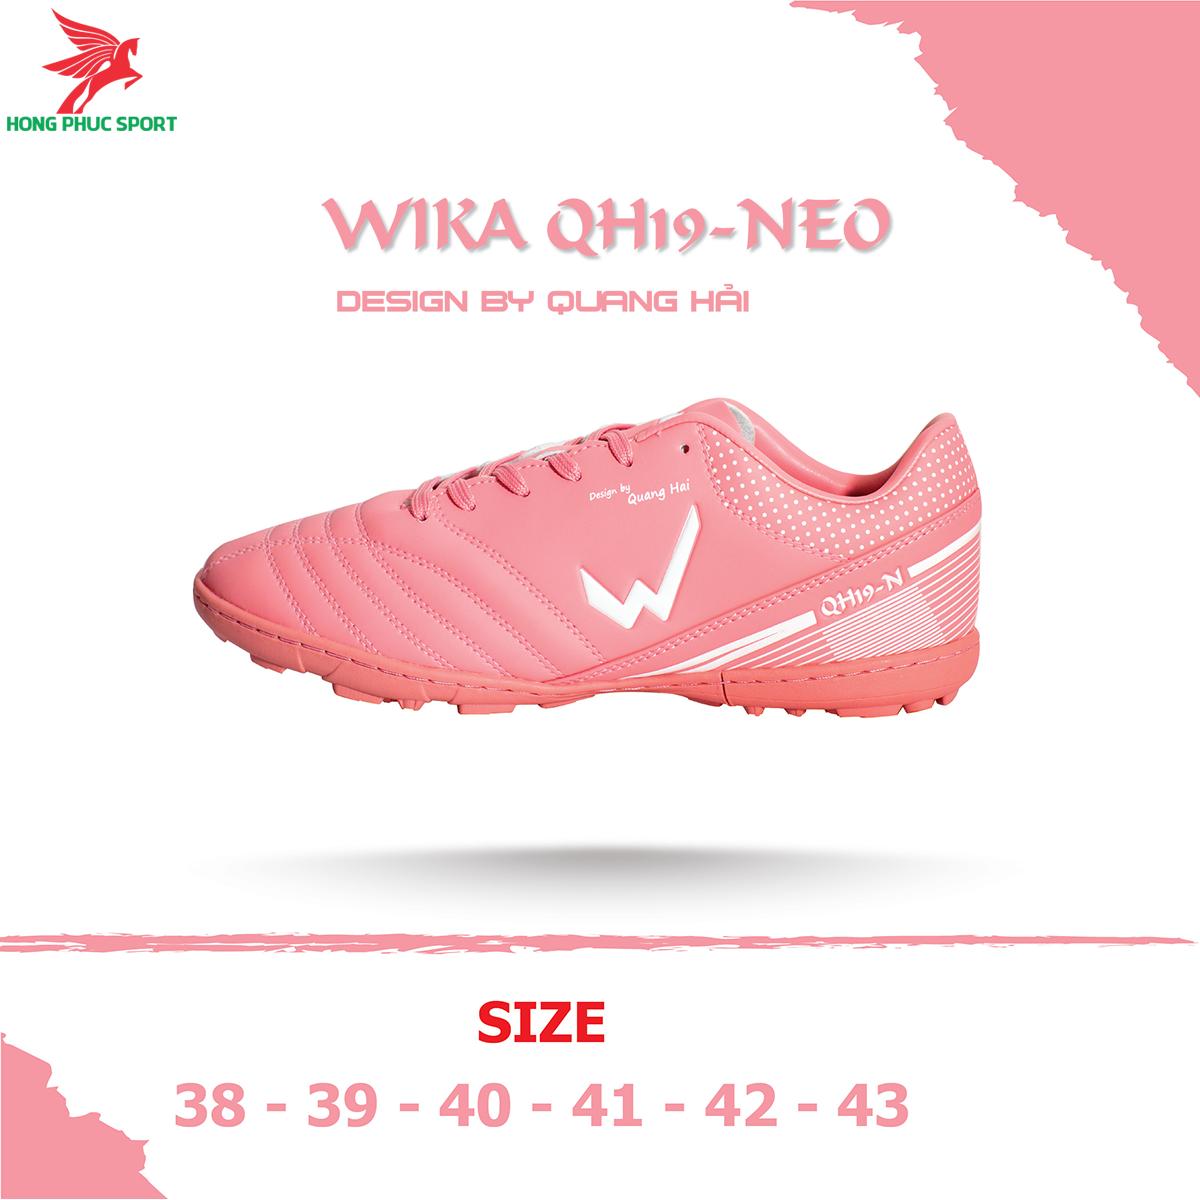 Giày đá banh Wika QH19 Neo sân cỏ nhân tạo màu Hồng (2)